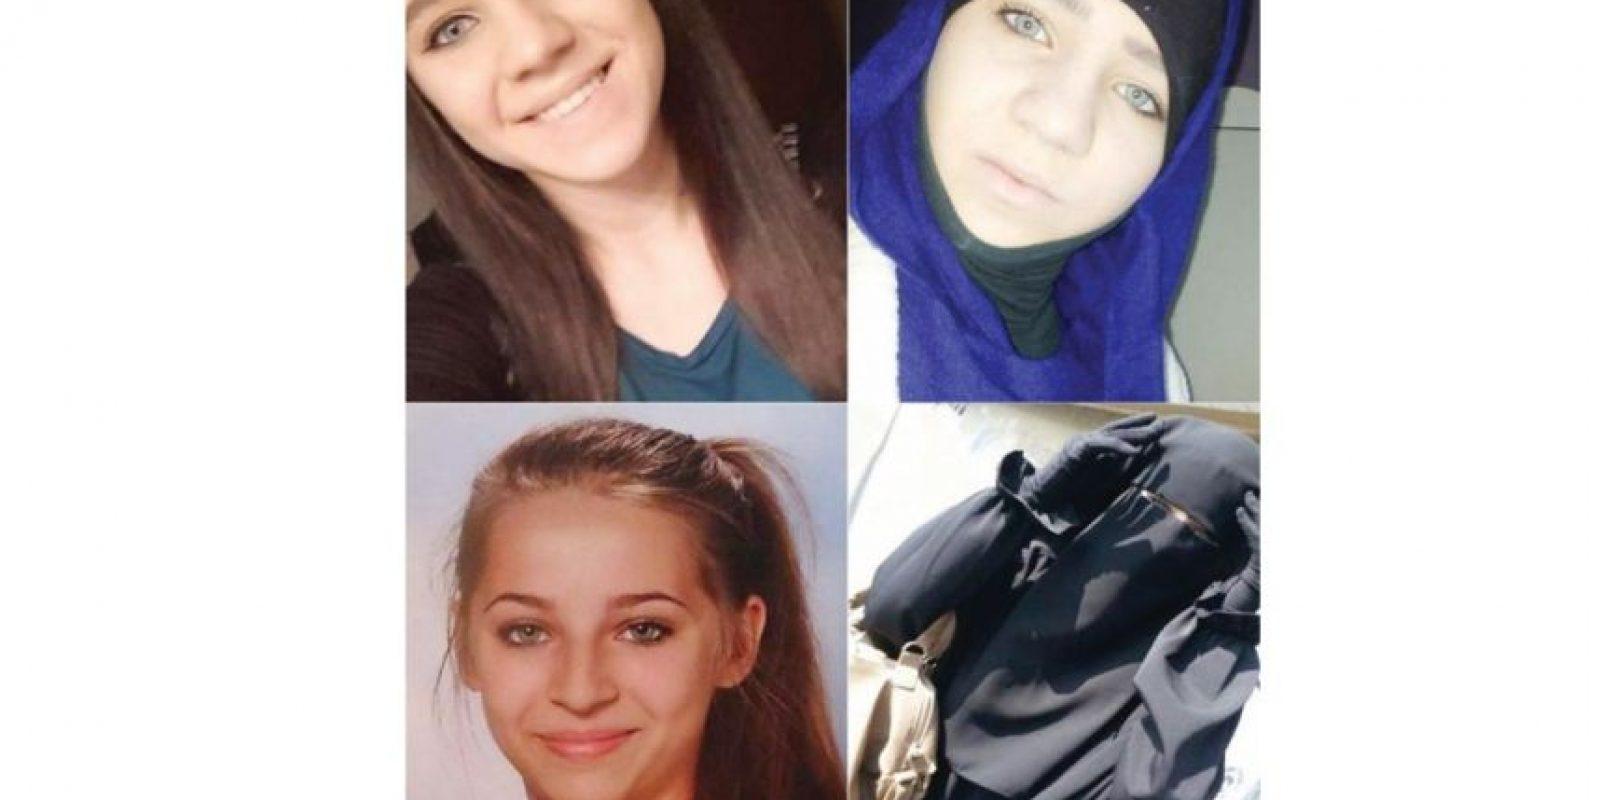 Samra Kesinović, de 17 años de edad, y Sabina Selimovic, de 15 años, dejaron a sus padres en Viena para unirse a los militantes del Estado Islámico en octubre del año pasado para casarse con combatientes chechenos.